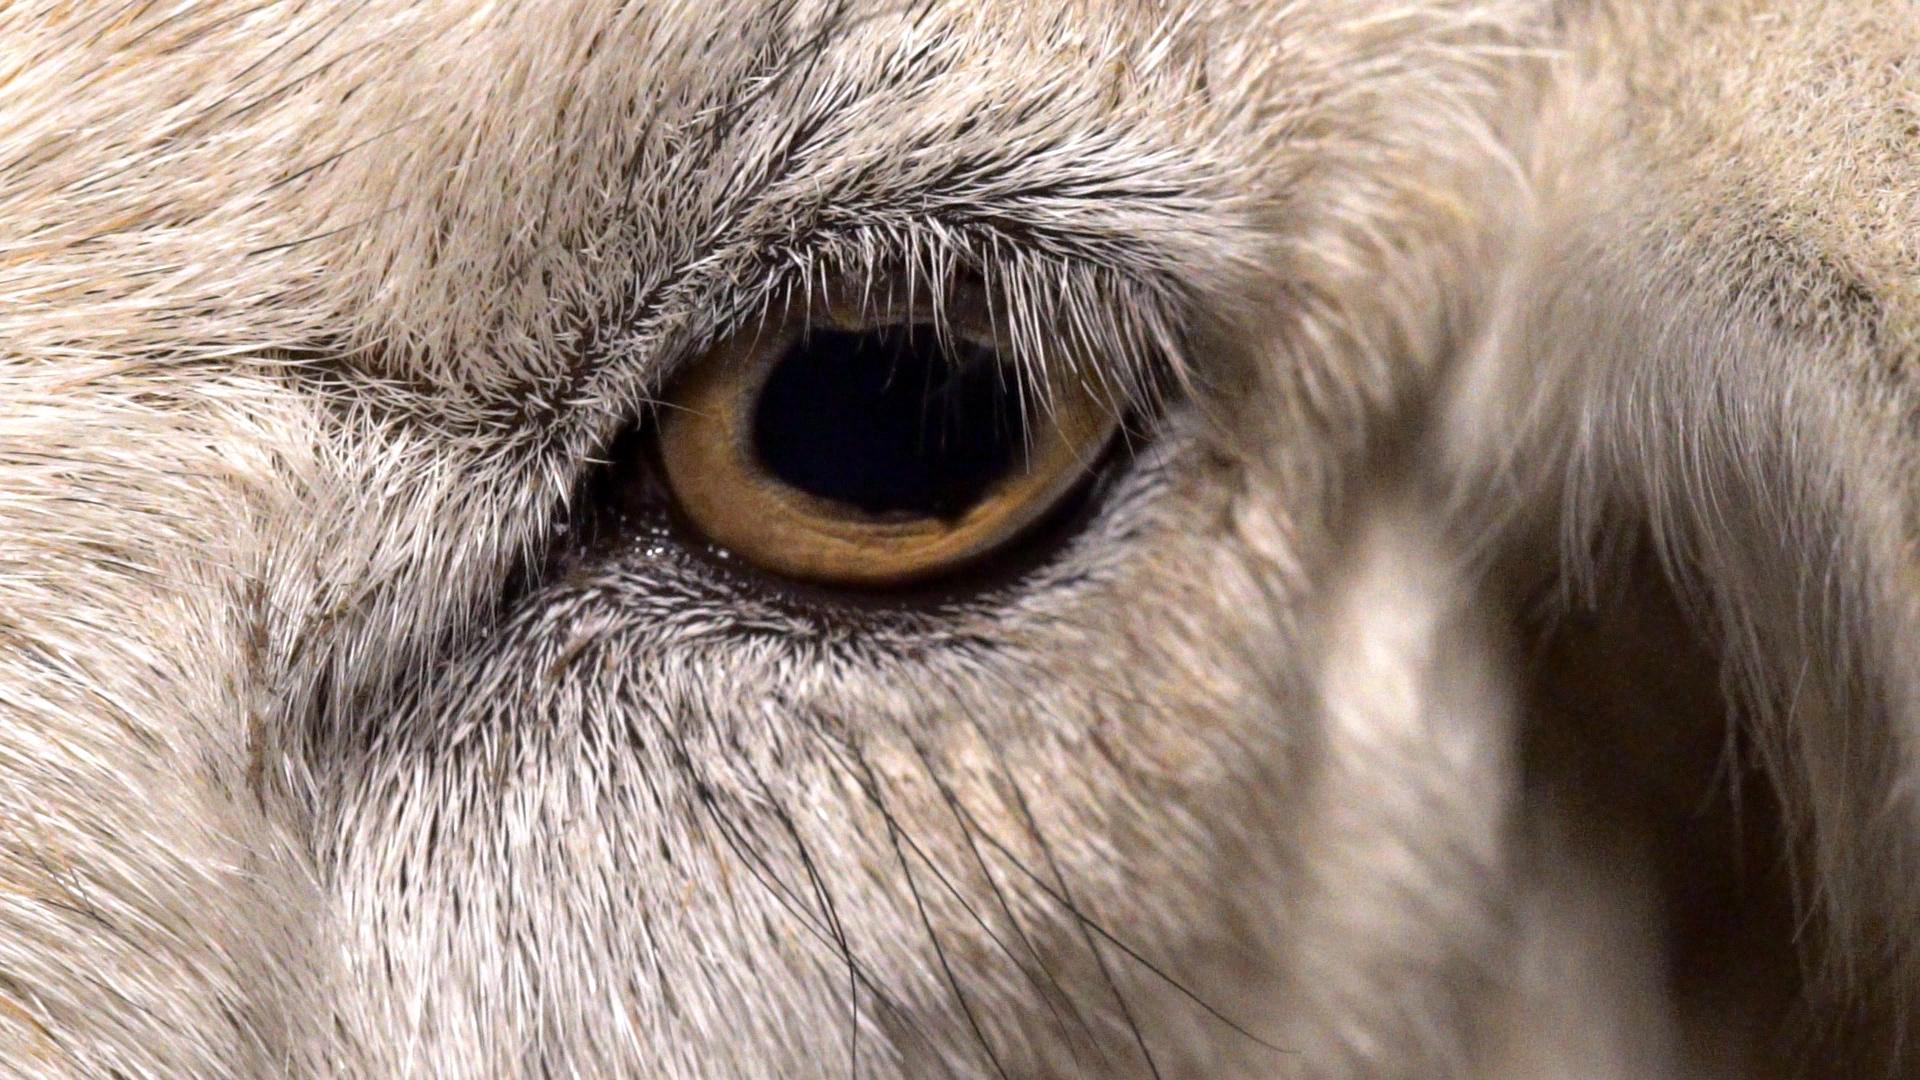 Das Bild einer Kuh im Film Dominion ihre Augen zeigen einen Blick in ihre leidende Seele.